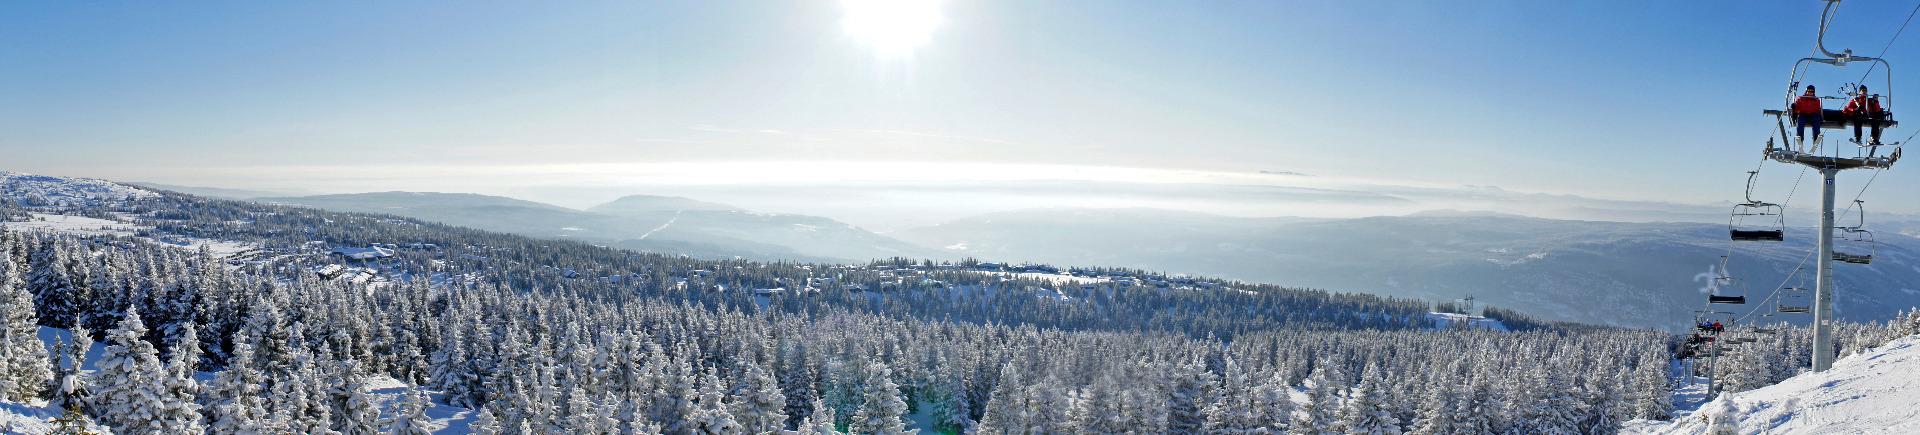 Hafjell Skisenter, Lillehammer - ©Hafjell Skisenter